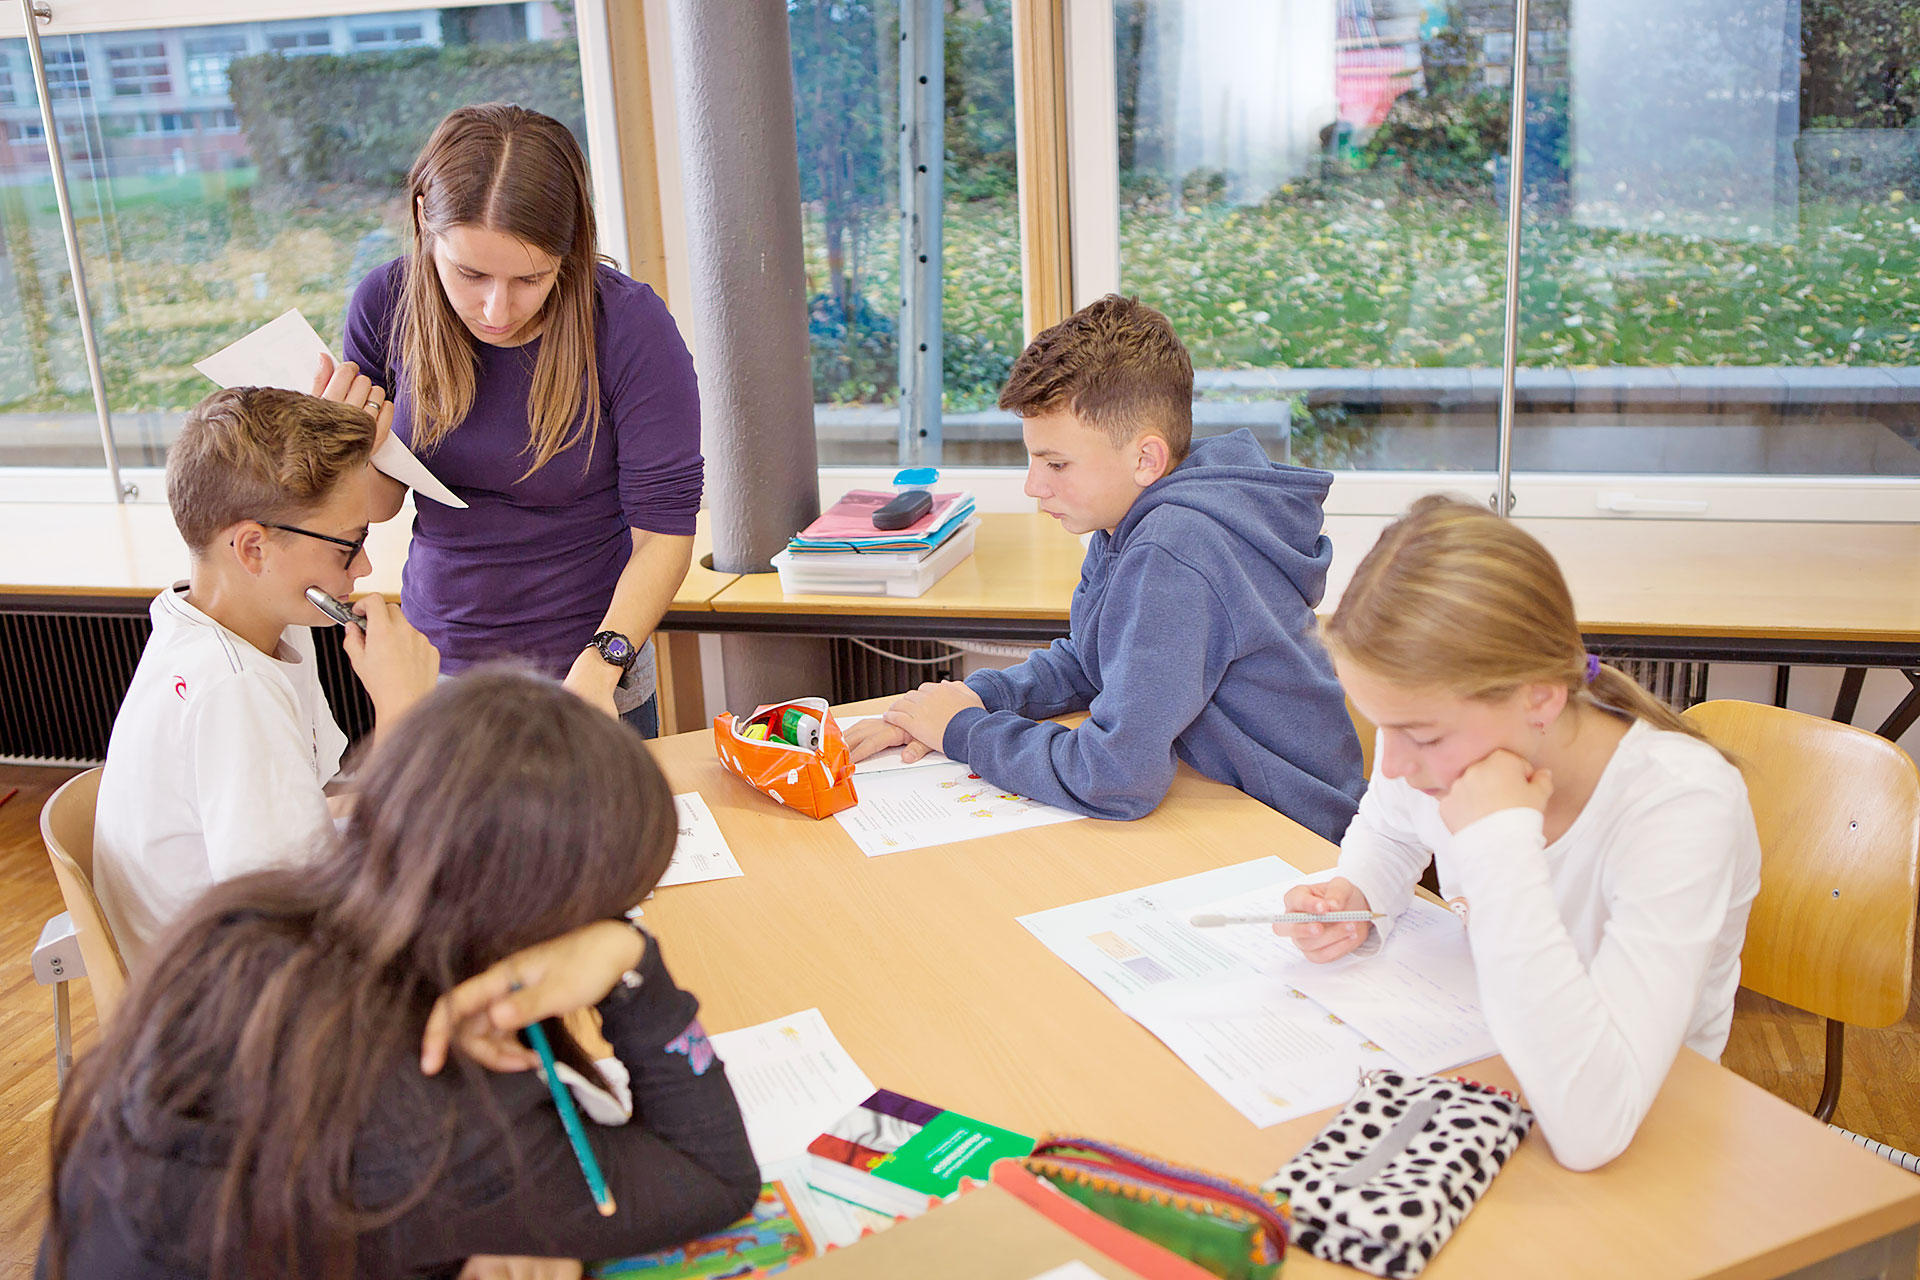 Lehrerin gibt einem Schüler ein Feedback am Gruppentisch